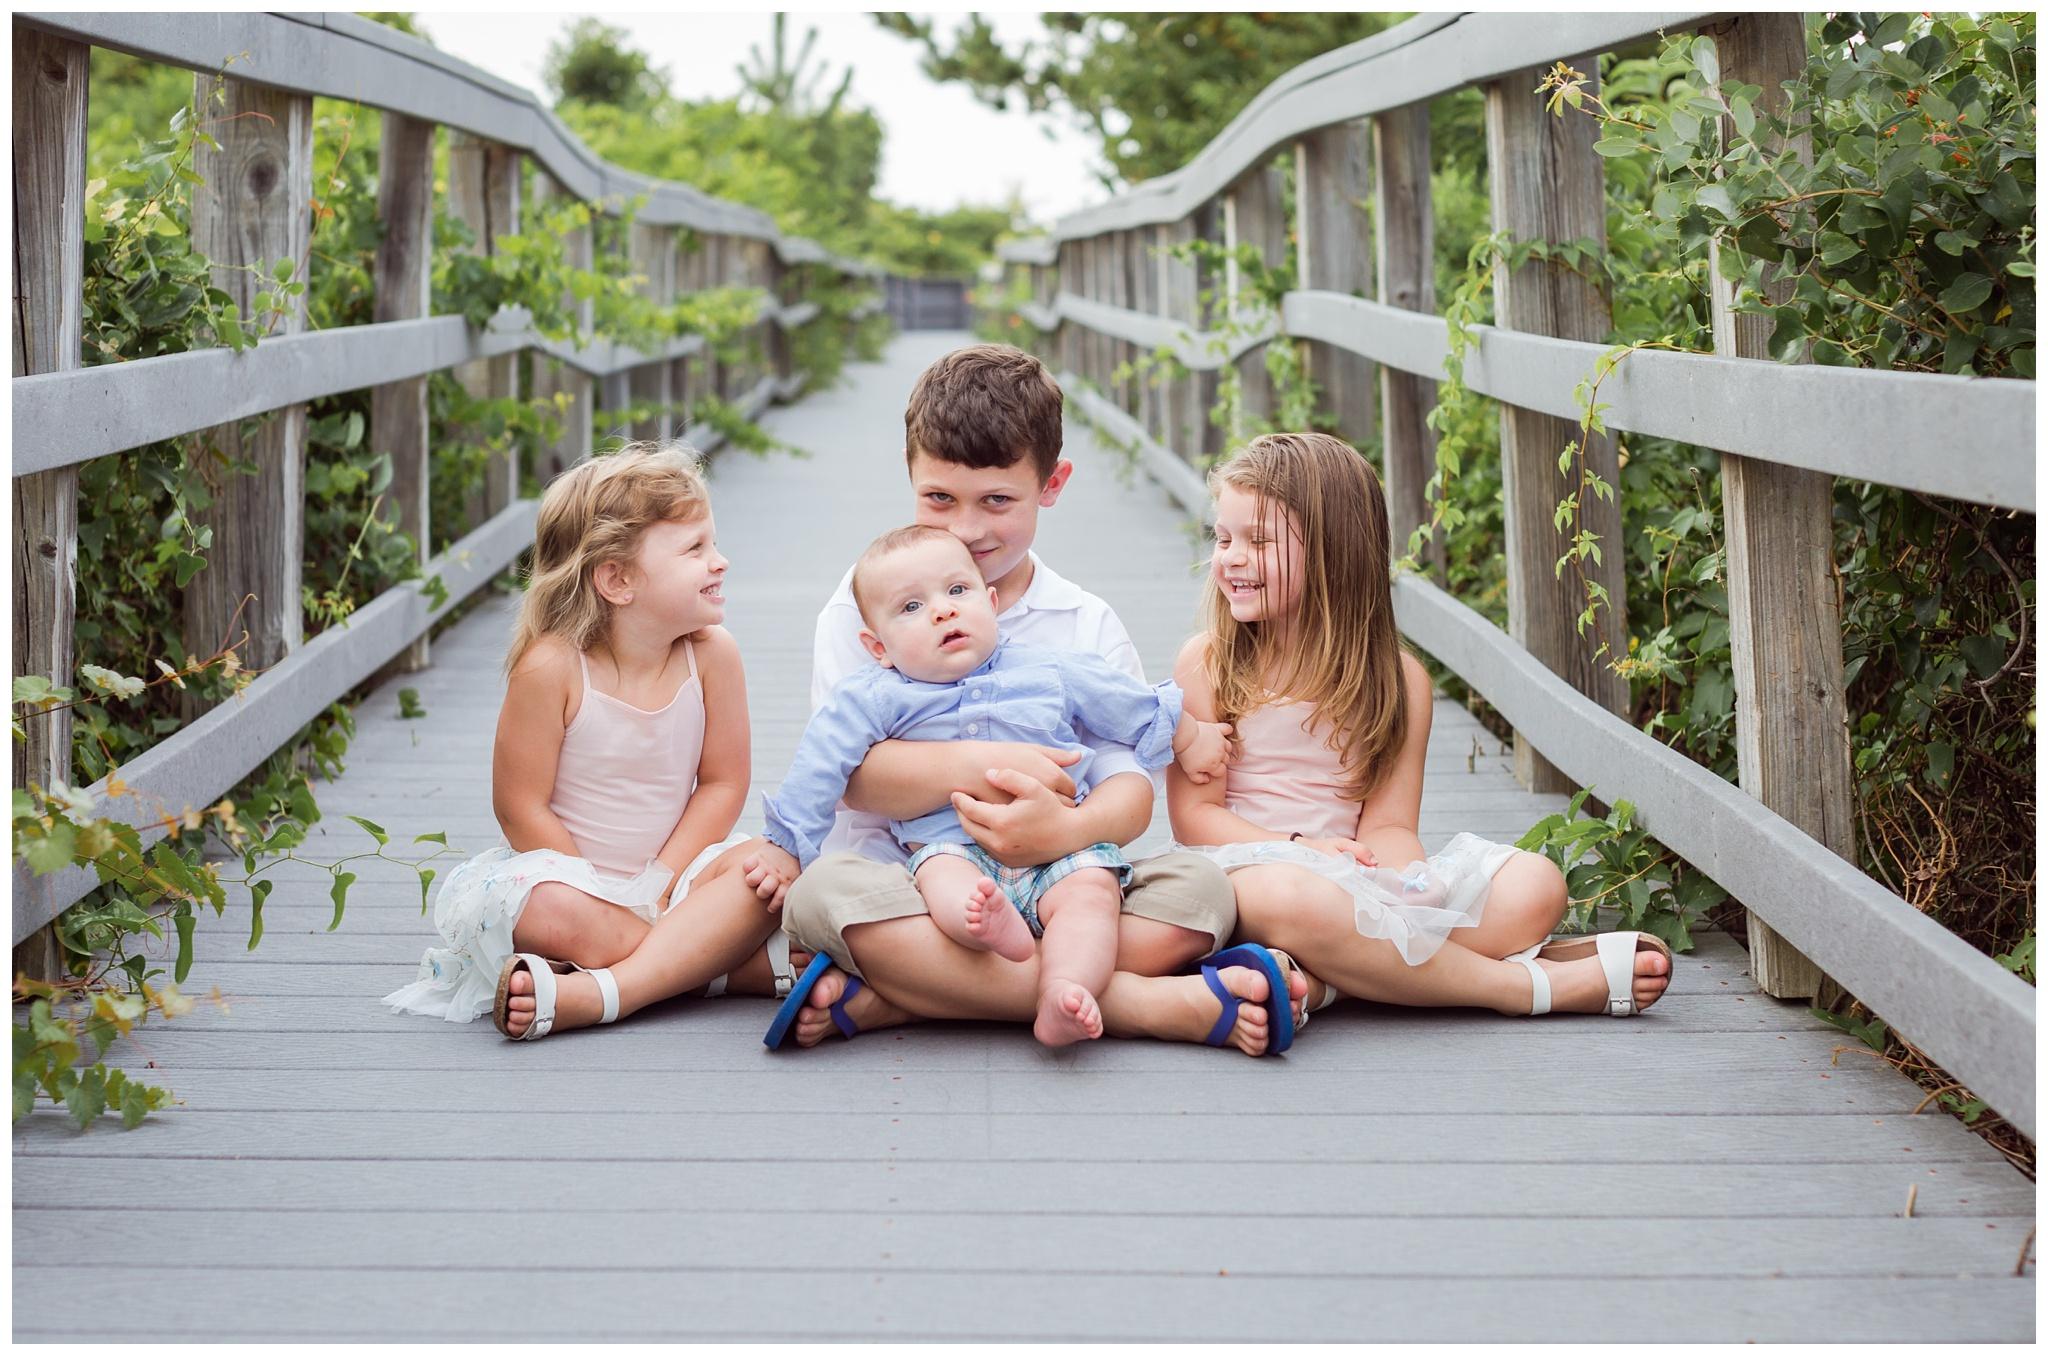 Virginia-Beach-Family-Photographer -5.jpg